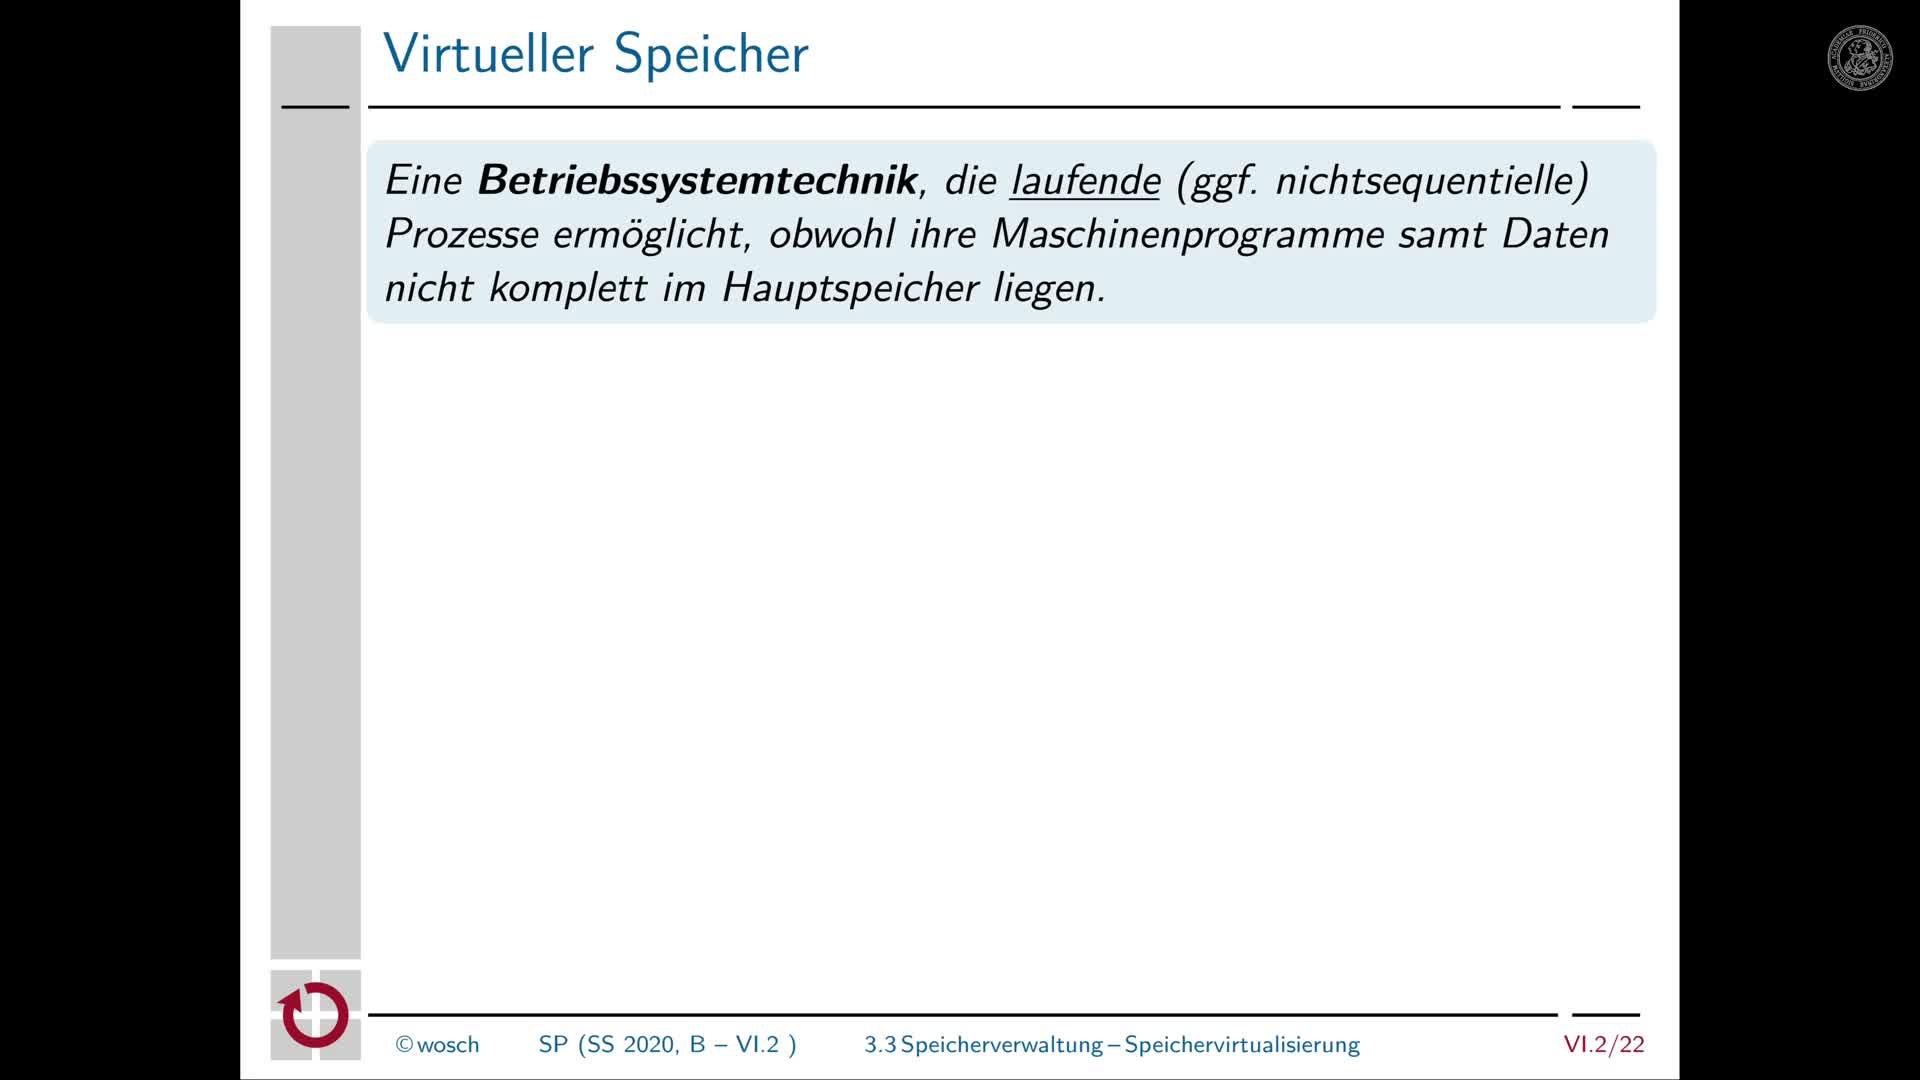 6.2.6 Speicher: Speichervirtualisierung preview image